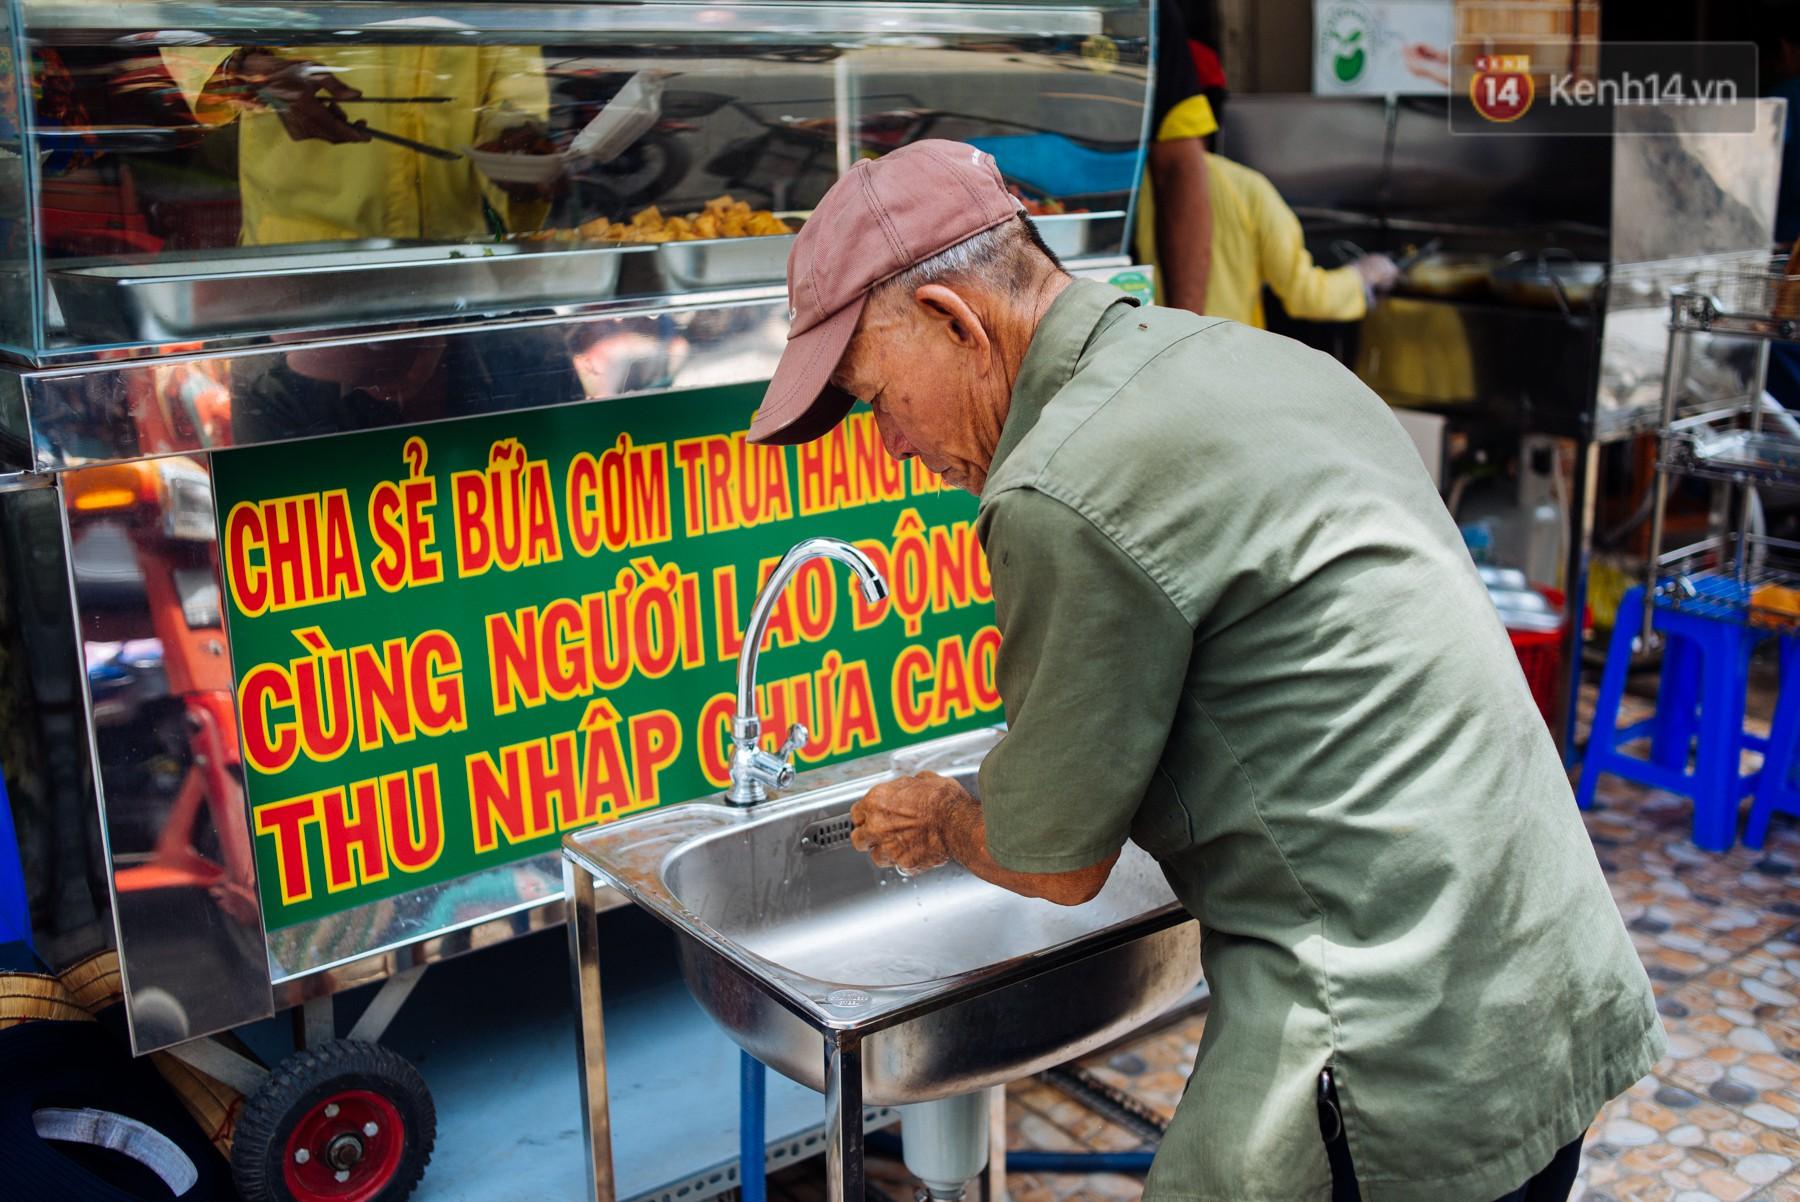 Giàu như anh bán chuối chiên Sài Gòn: Mở quán cơm 5k cho người thu nhập chưa cao, 5 năm đắt hàng - Ảnh 1.